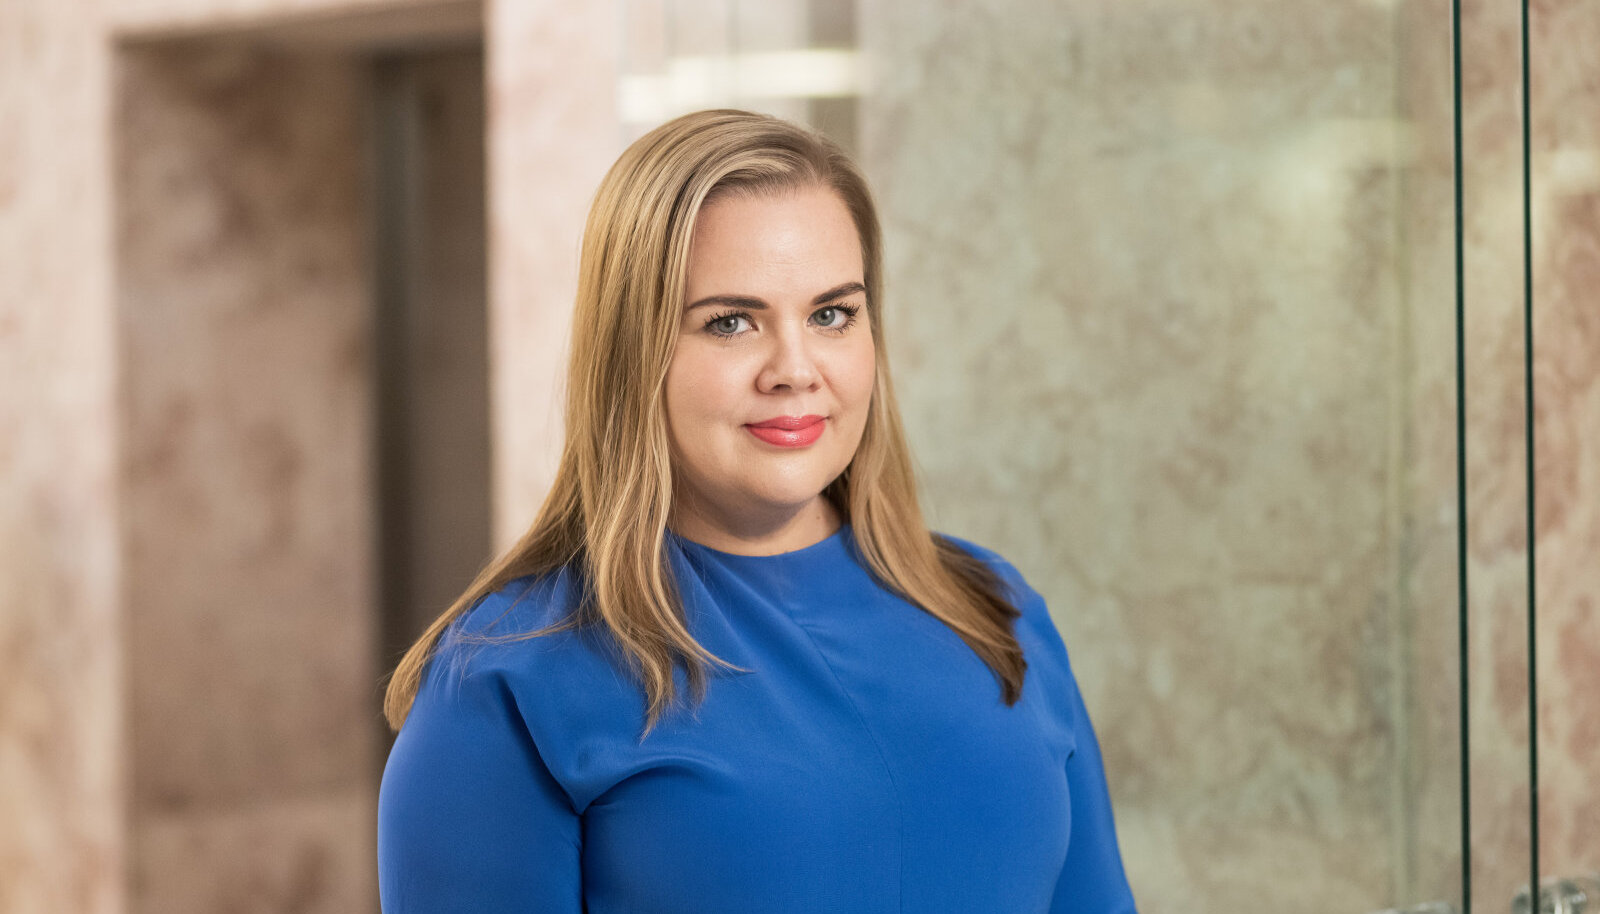 Minna-Liina Lind